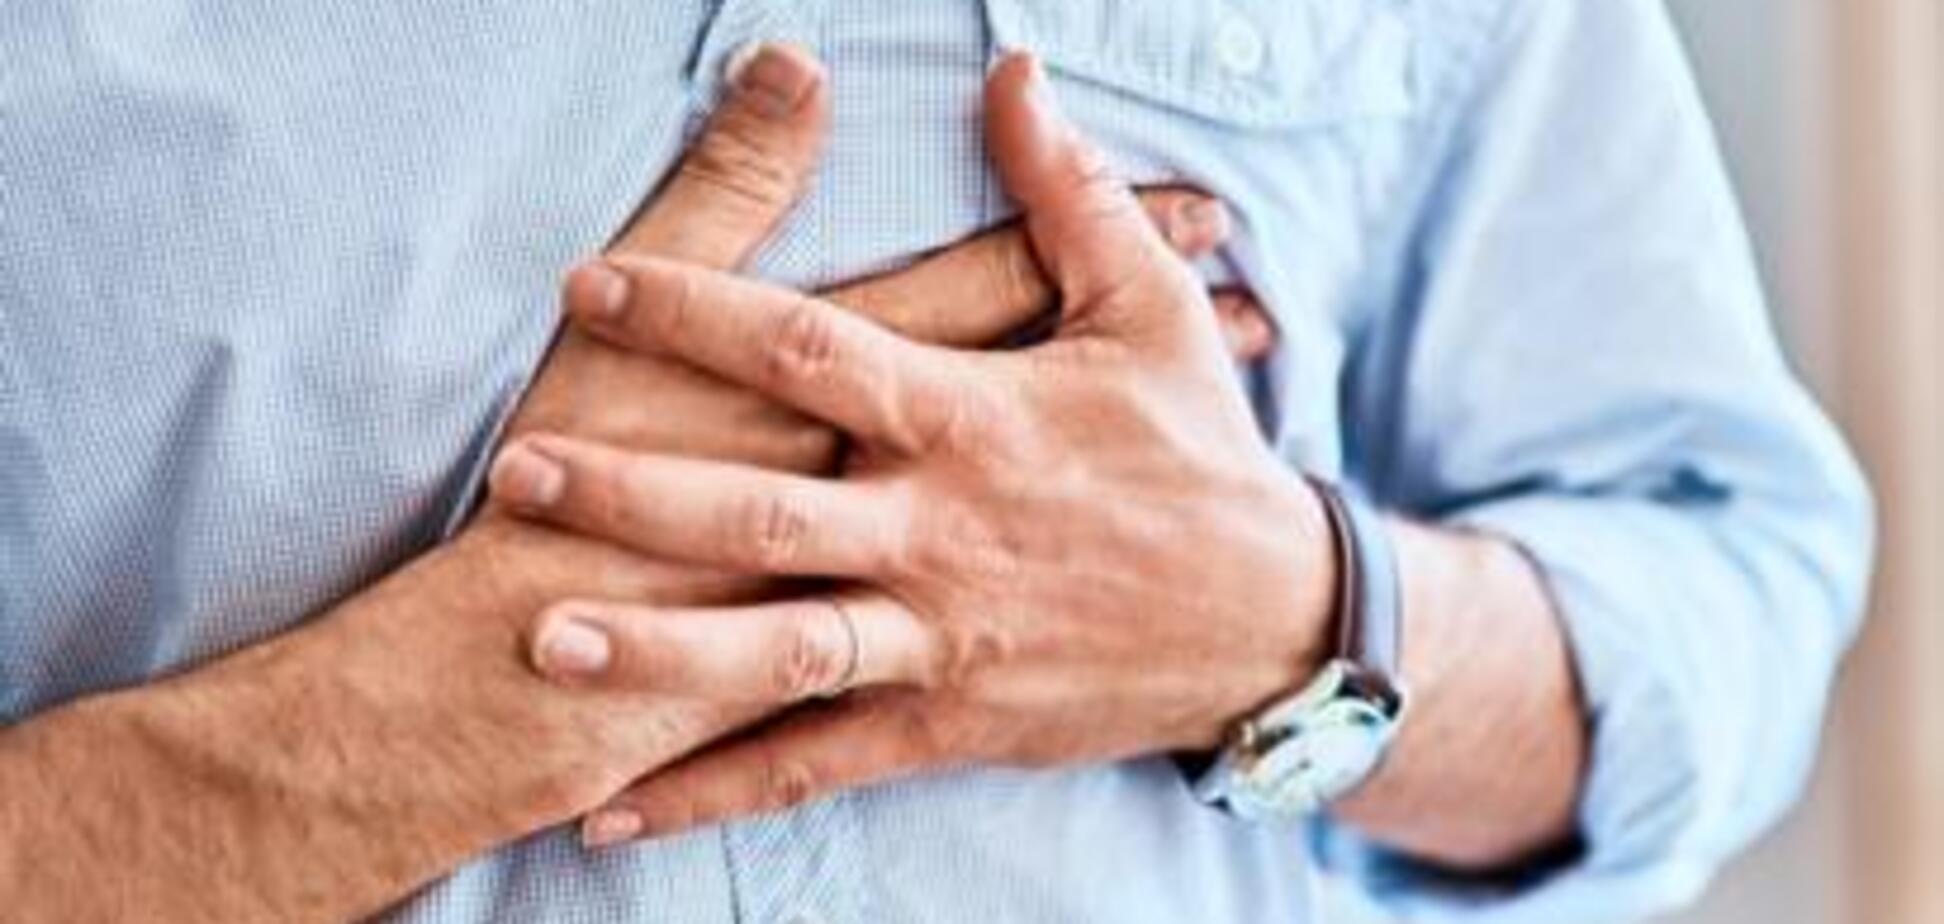 Більше не вирок: в Україні почали безкоштовне стентування пацієнтів з інфарктом. Відео